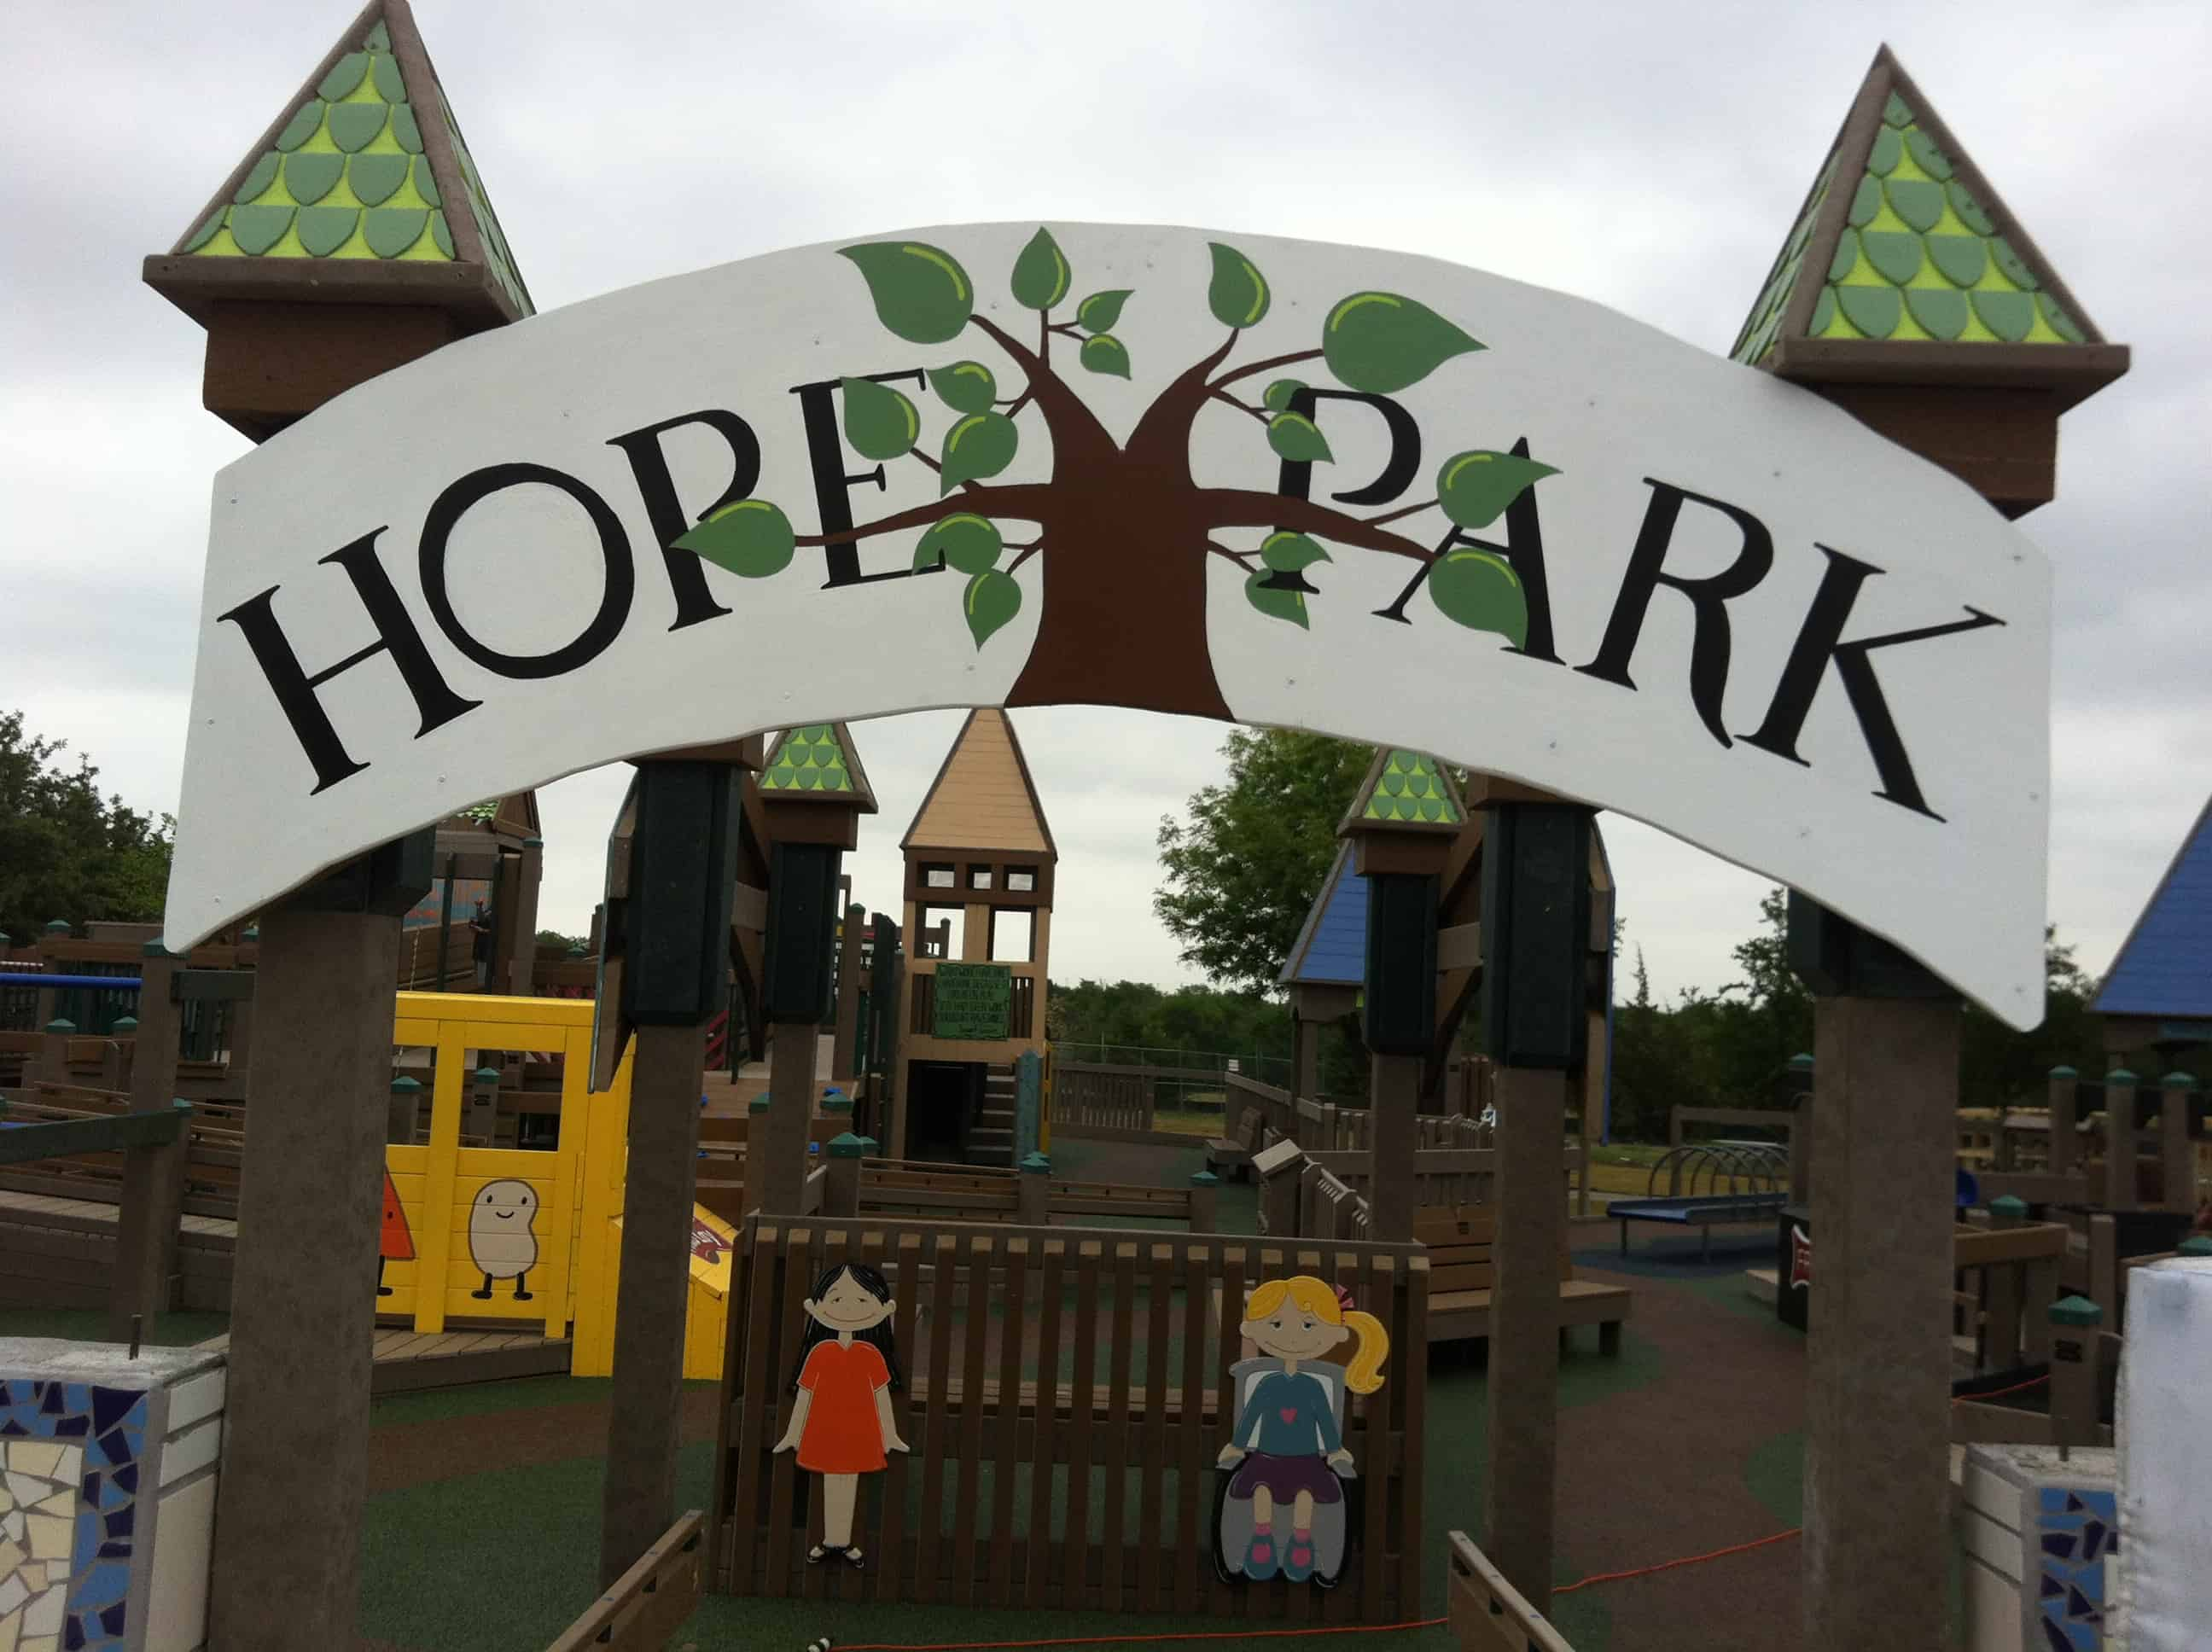 Hope Park: Frisco, Texas